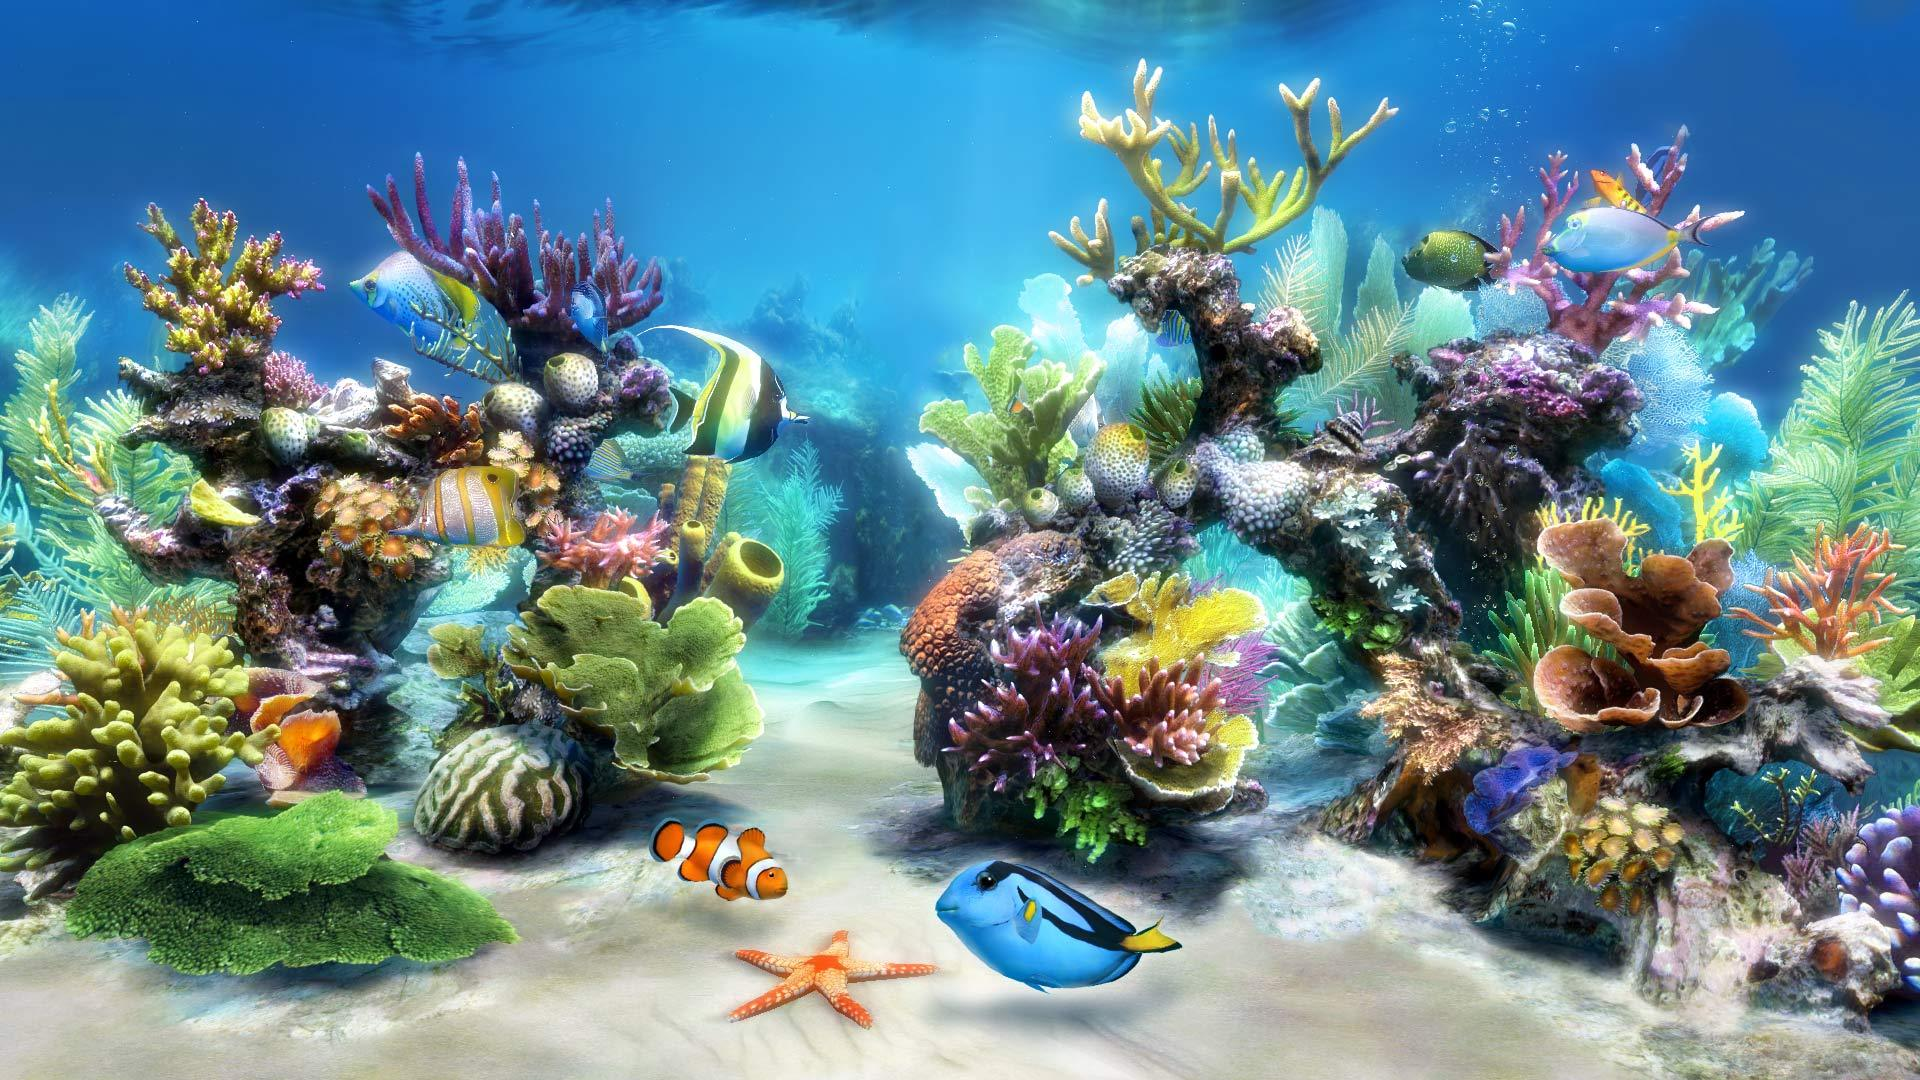 Le migliori e più semplici piante per gli acquari di acqua dolce